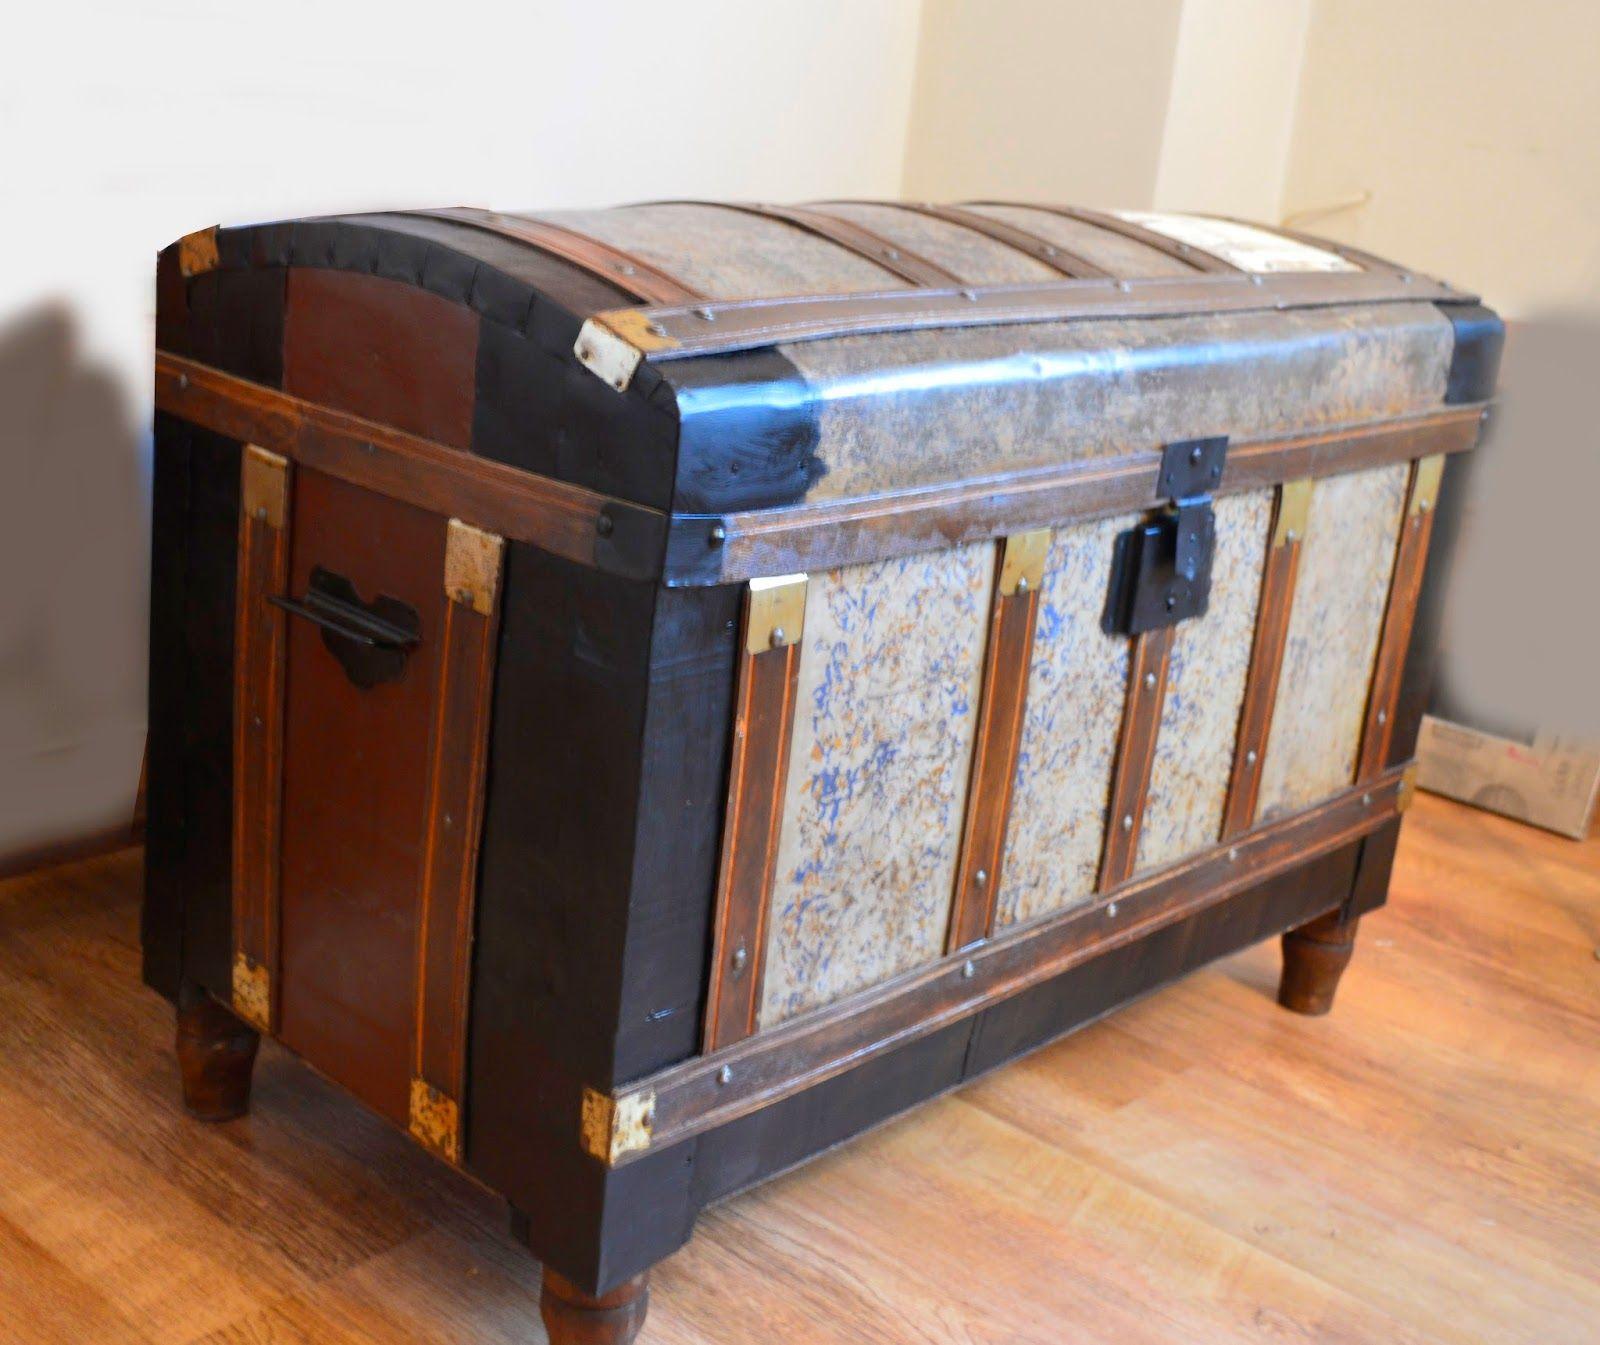 Quimera artesan a restauramos un baul antiguo seguramente - Recuperar muebles viejos ...